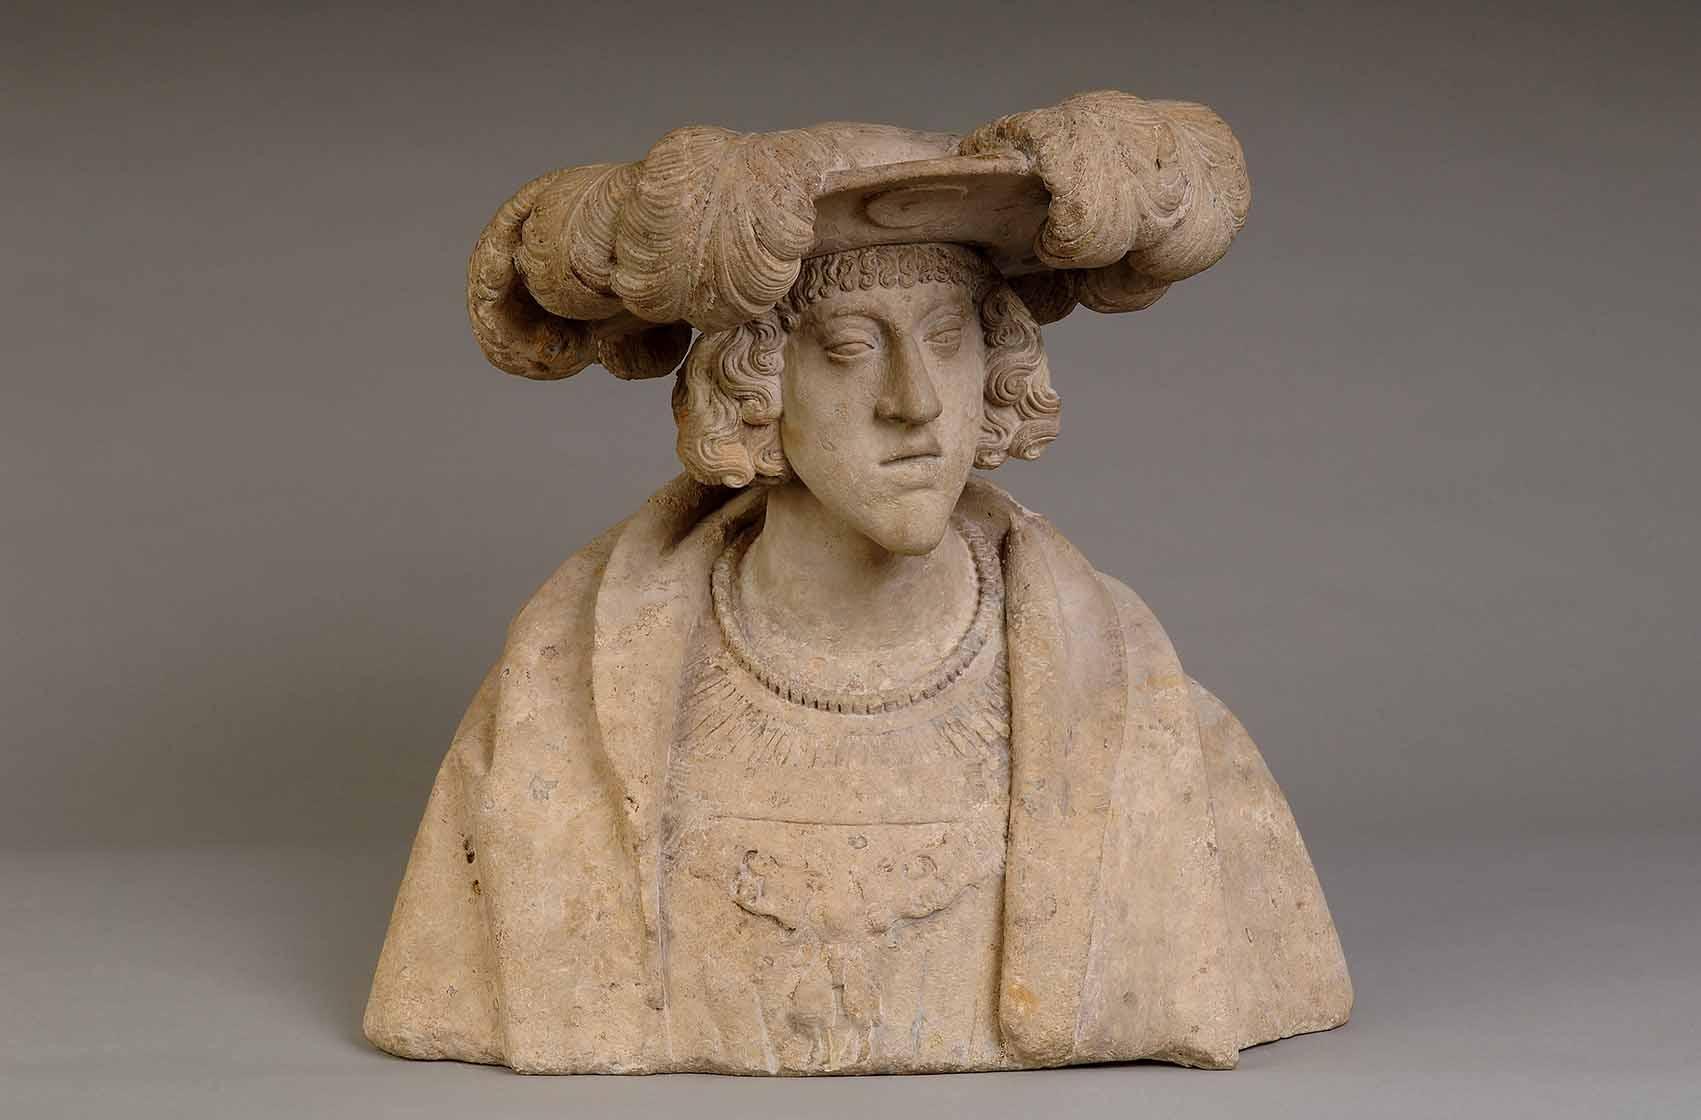 Un diálogo entre escultura y pintura Artes & contextos Retrato del Emperador Carlos V joven baja